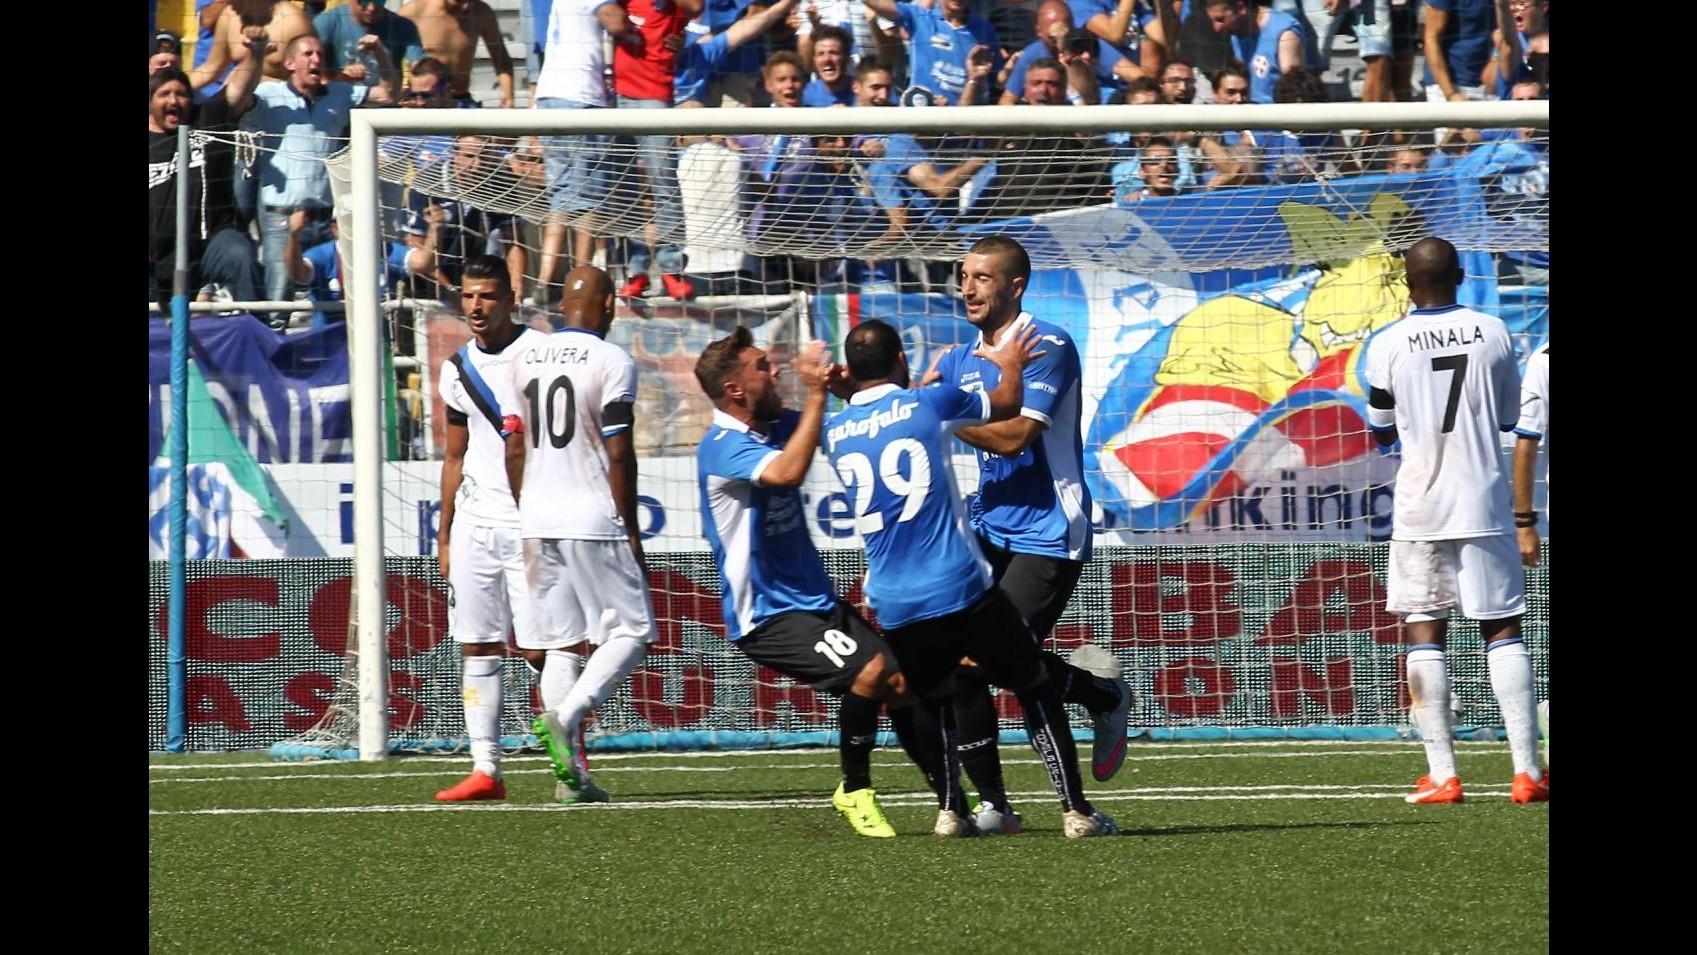 Serie B, la prima giornata: il Livorno ne fa 4 al Pescara